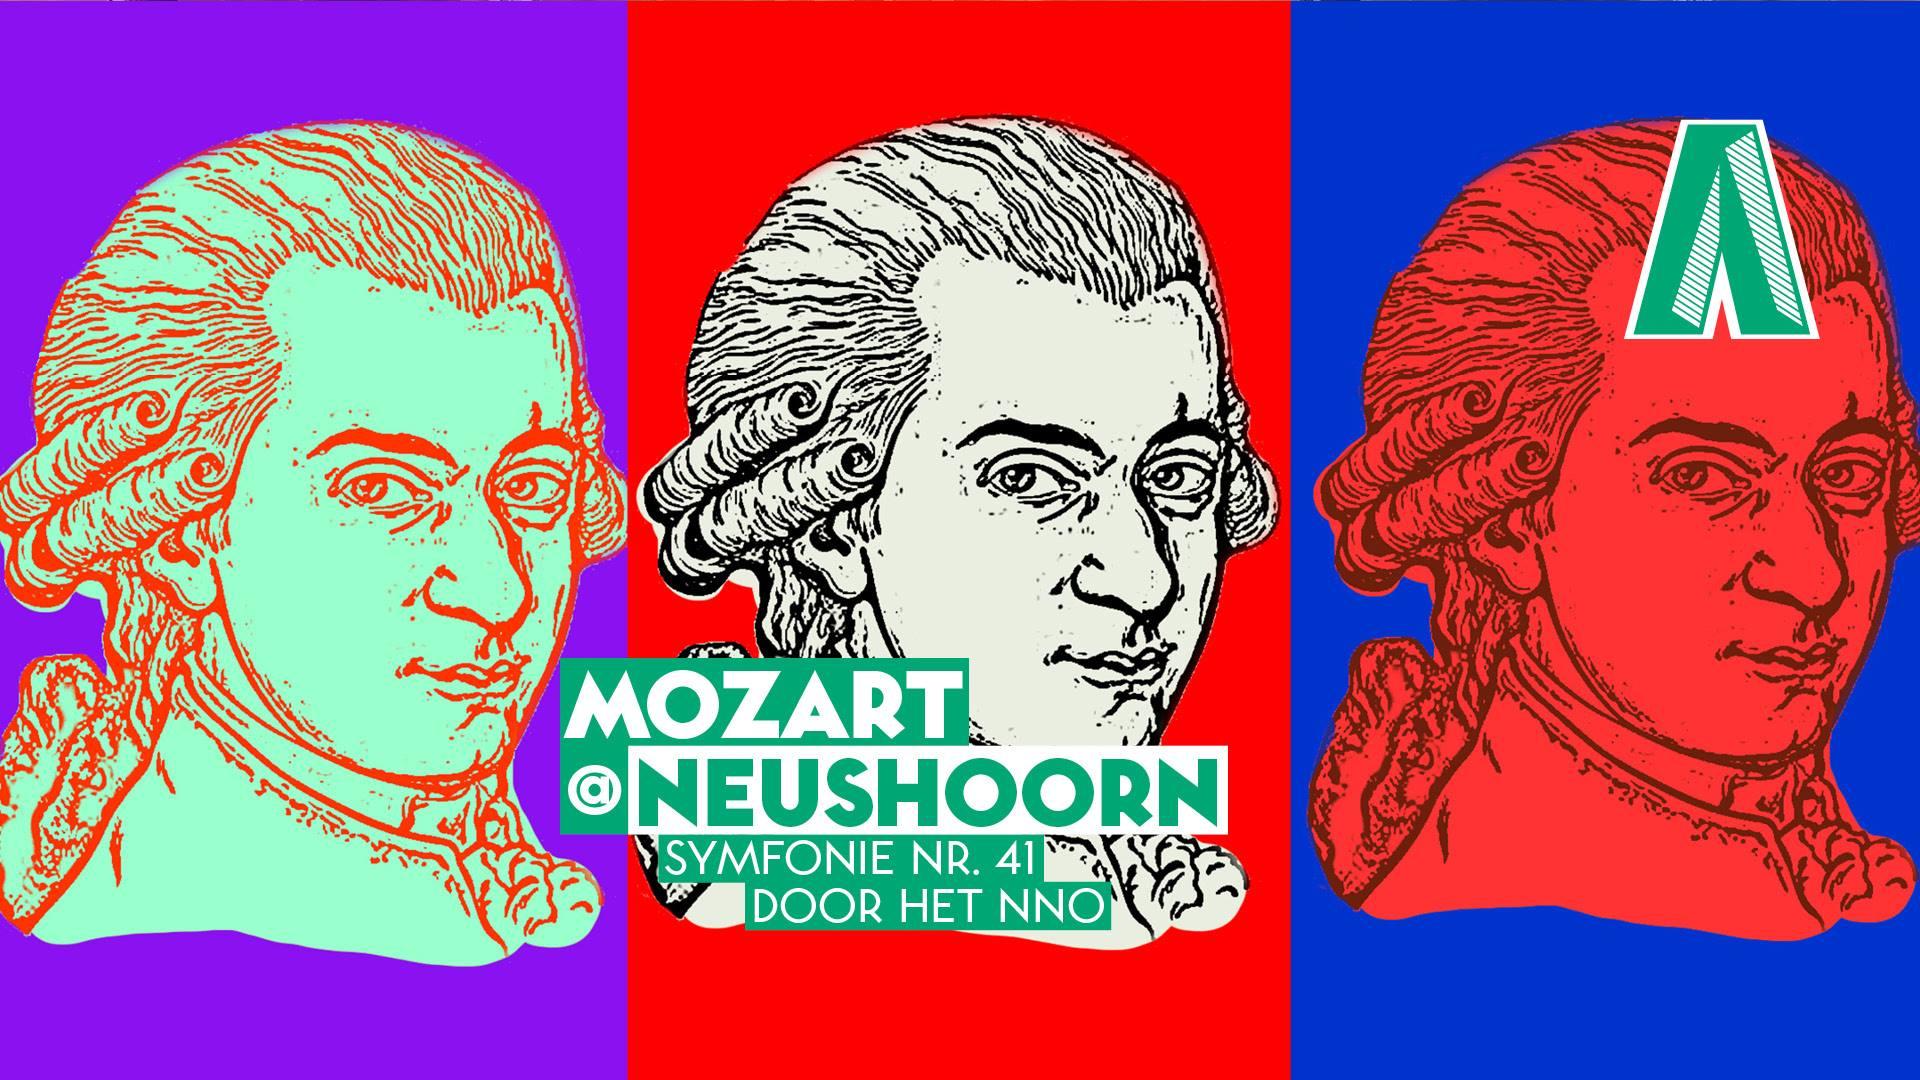 Mozart in Neushoorn – Symfonie nr. 41